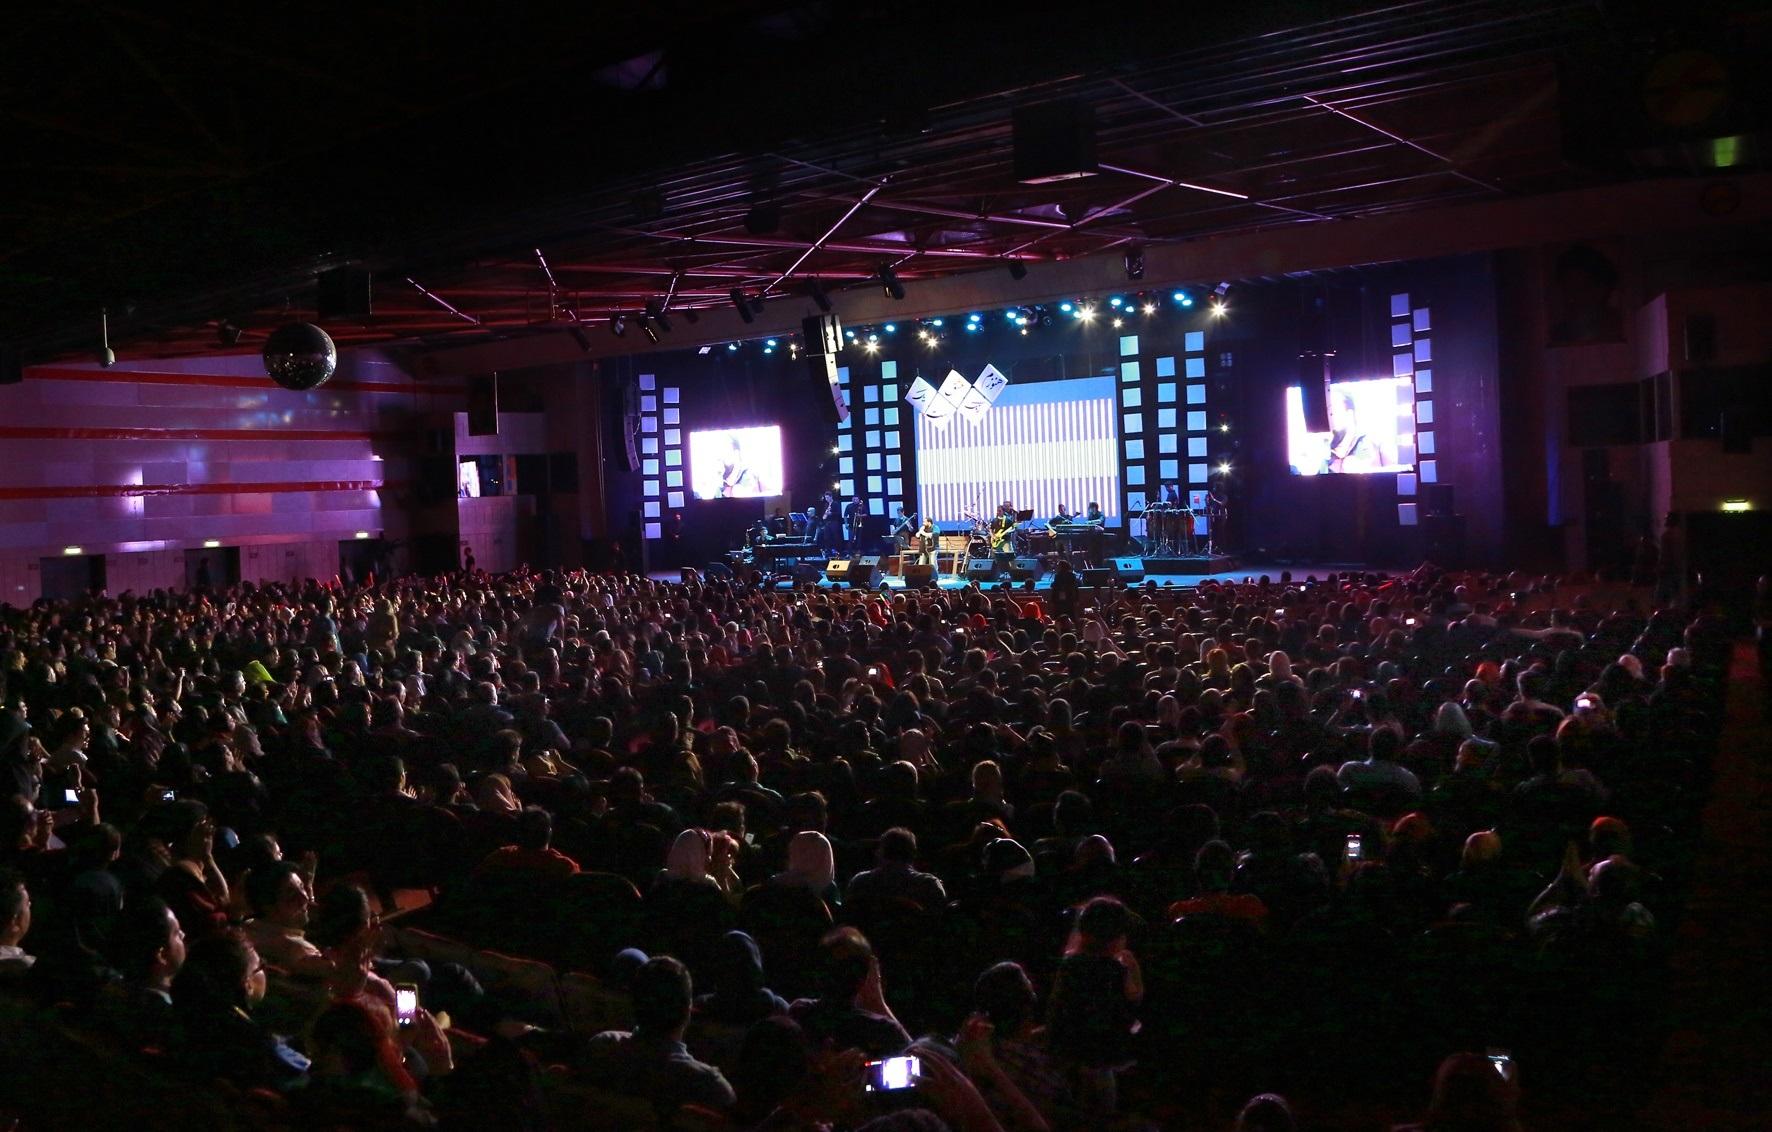 کنسرت «ره عشق» در تالار وحدت برگزار میشود